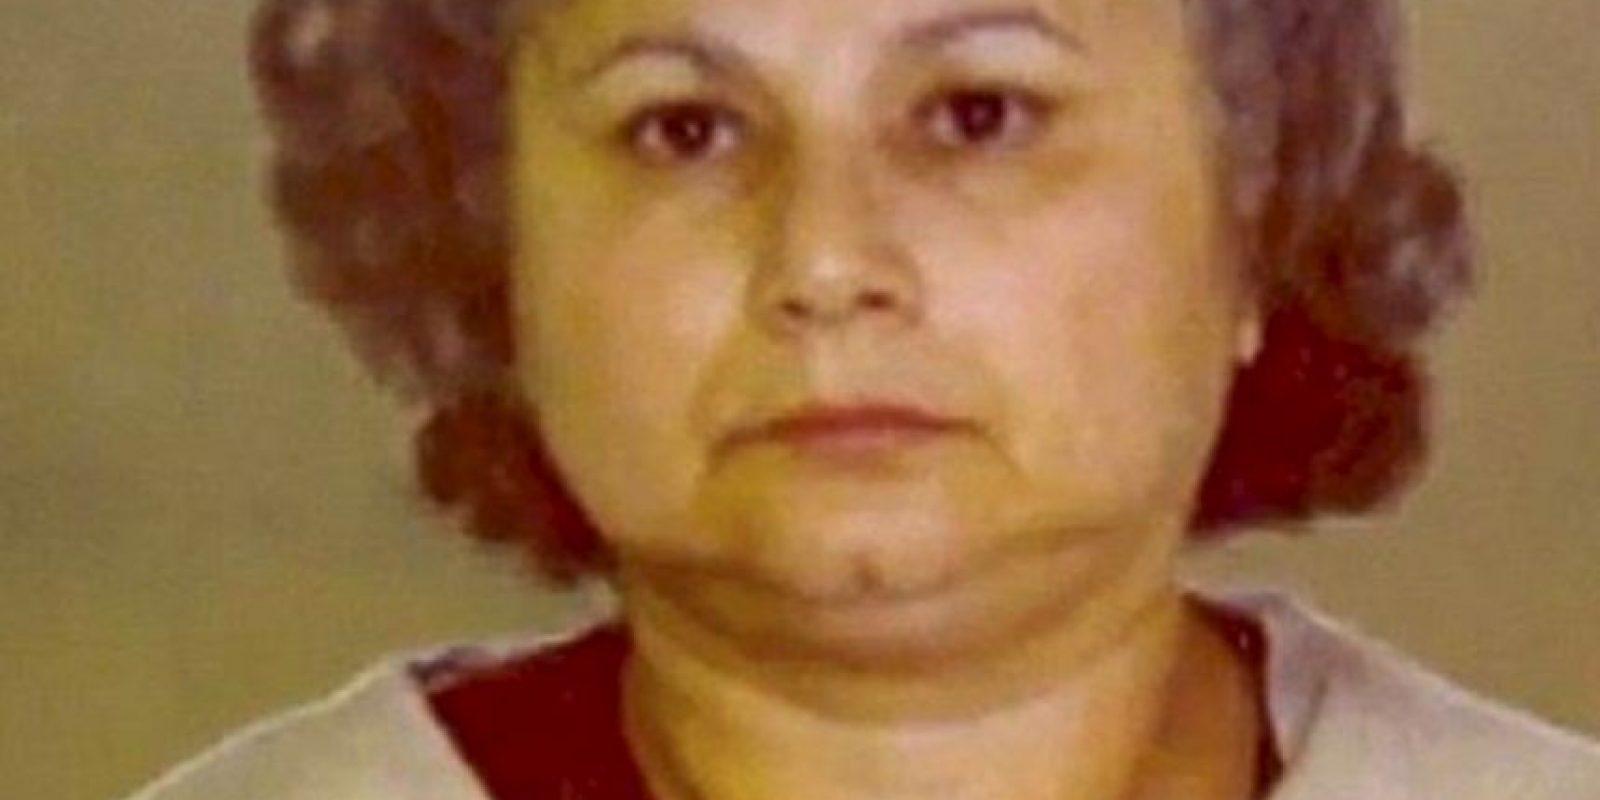 Esto lo haría con uno de sus amantes, pero este, muerto del susto, la delató. Fue deportada en 2004 y la mataron en Medellín. Foto:vía Cocaine Cowboys